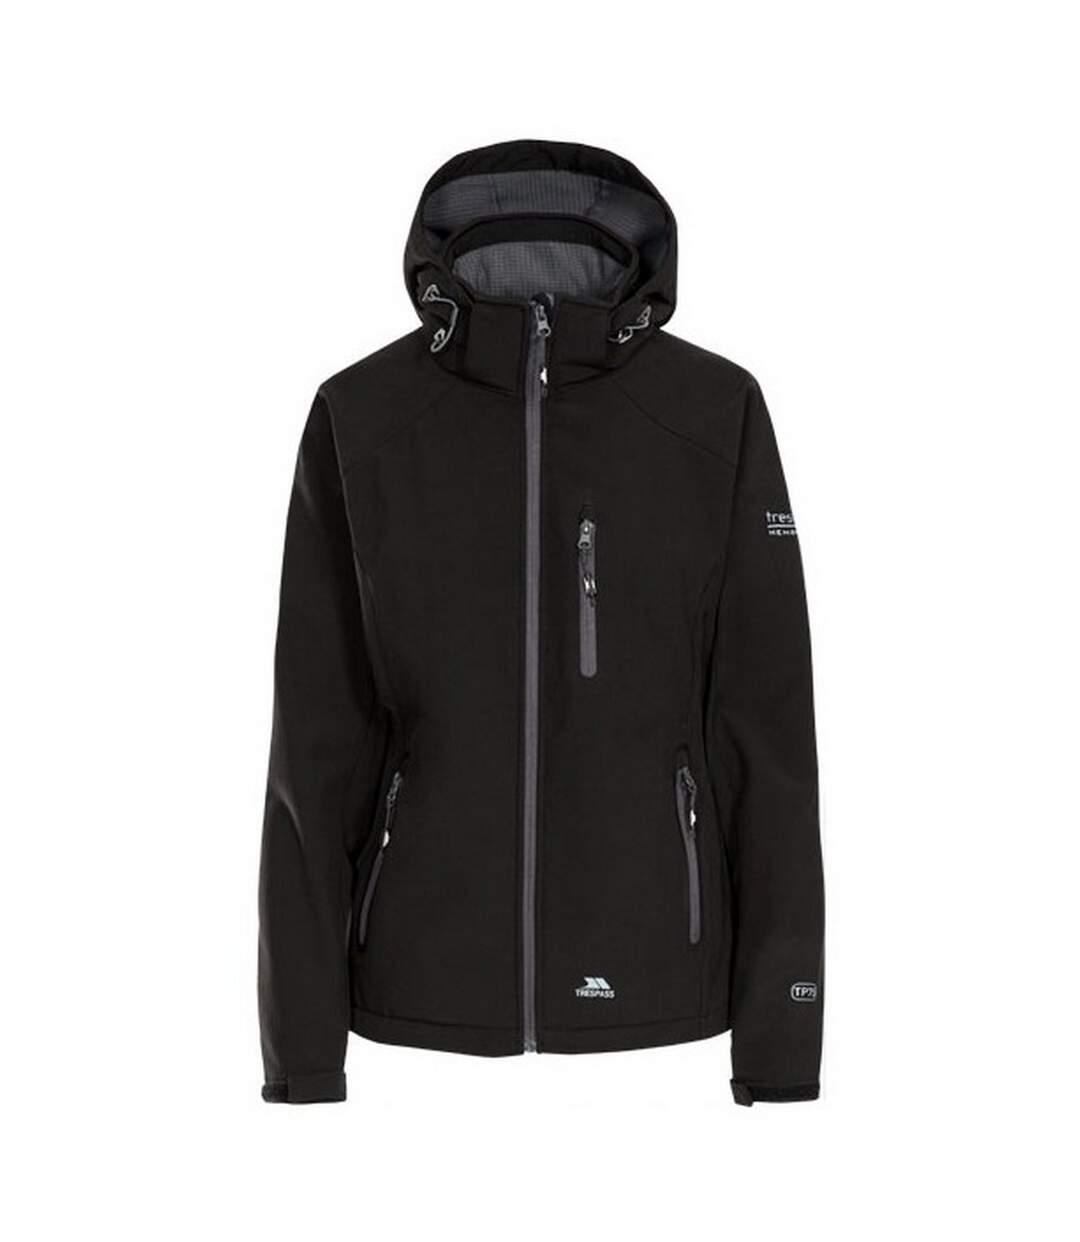 Trespass Womens/Ladies Bela II Waterproof Softshell Jacket (Black) - UTTP3440